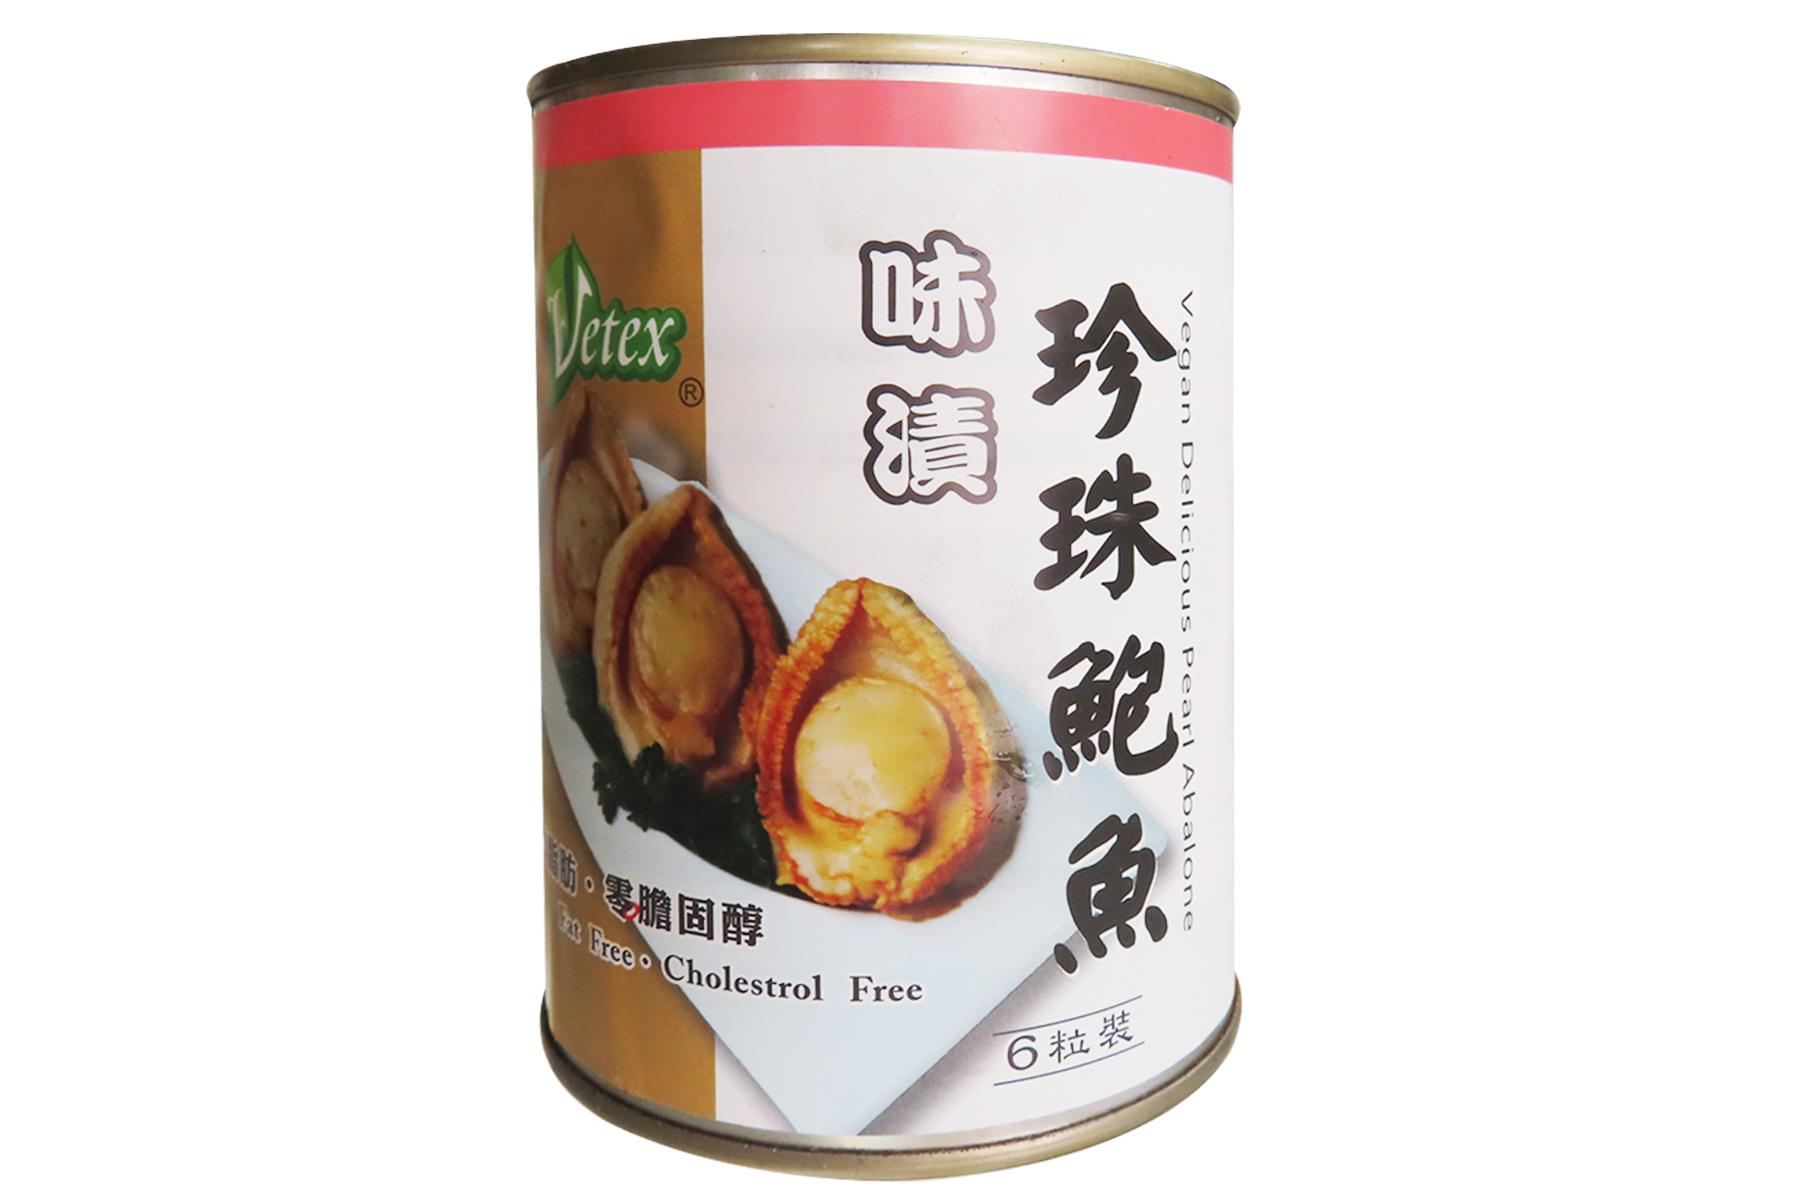 Image Vegan Pearl Abalone Can 味渍 - 珍珠鲍鱼(6粒) 600grams